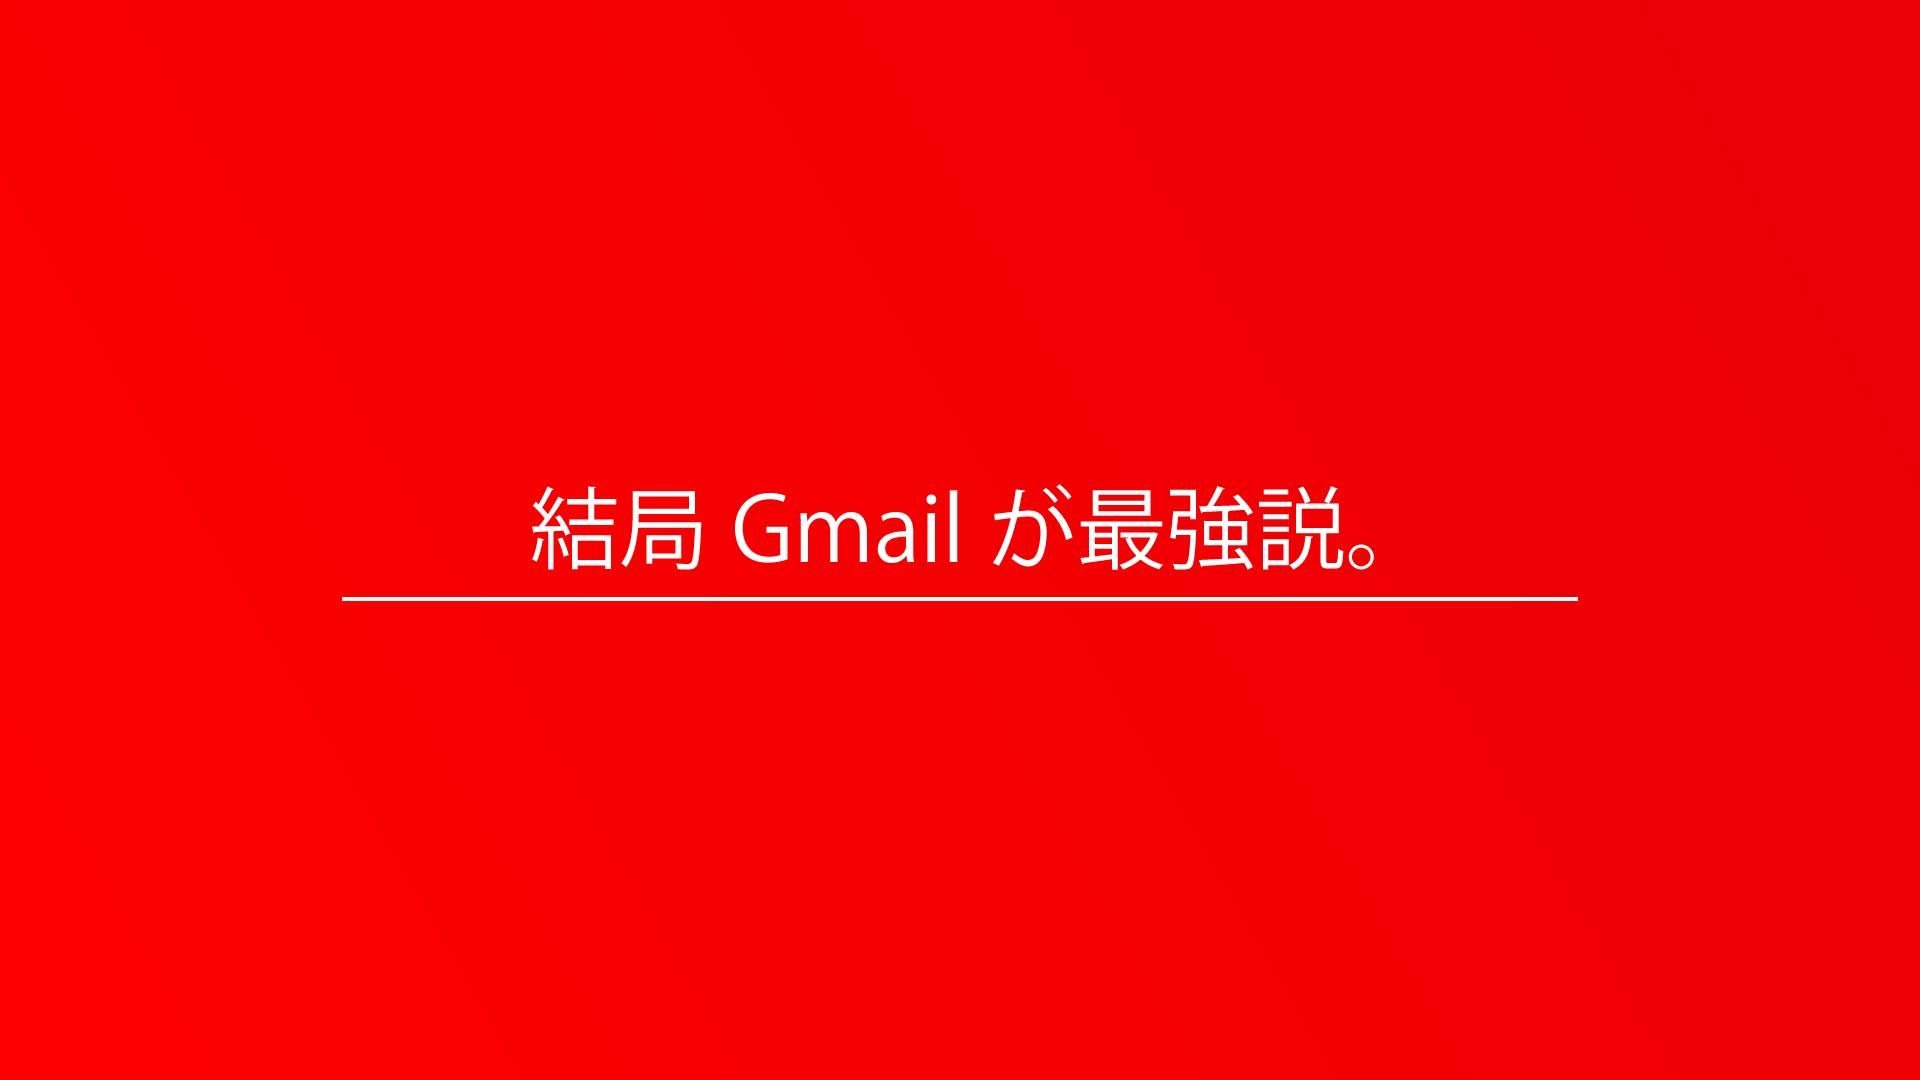 メールサーバーに困ったらGmailが一番いい。Xserverから移行しました